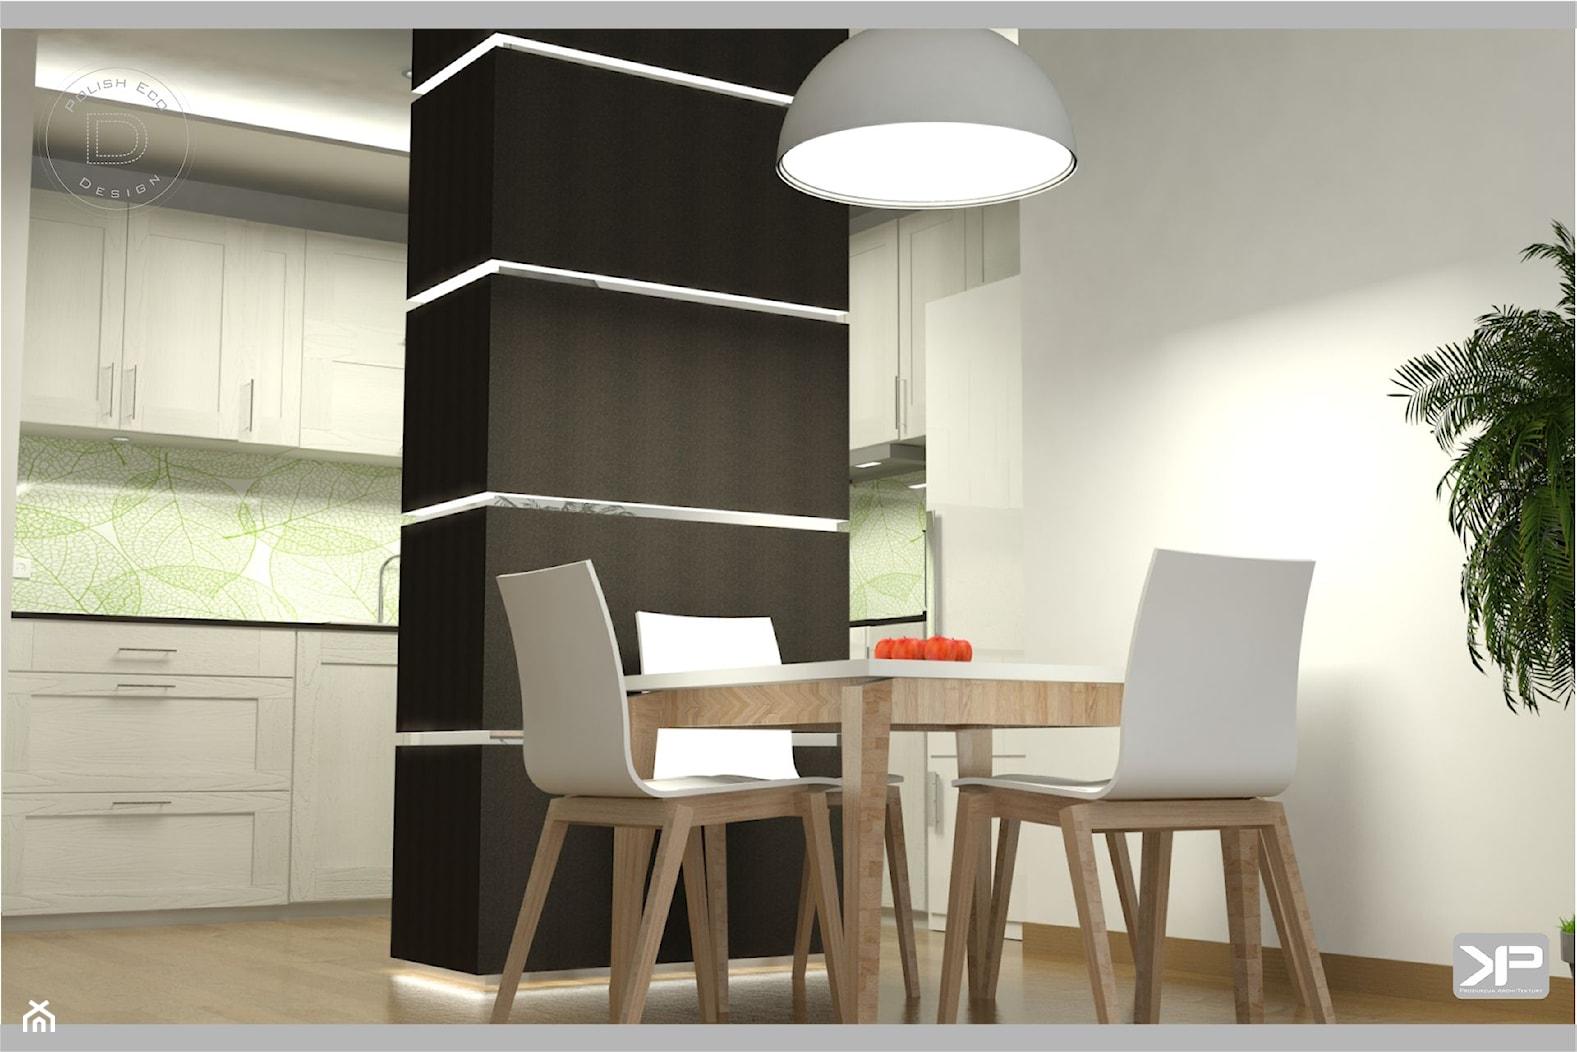 Kuchnia klasyczna w kolorach biel, brąz, czerń, beż - zdjęcie od KP Produkcja Archi-Tektury - Homebook